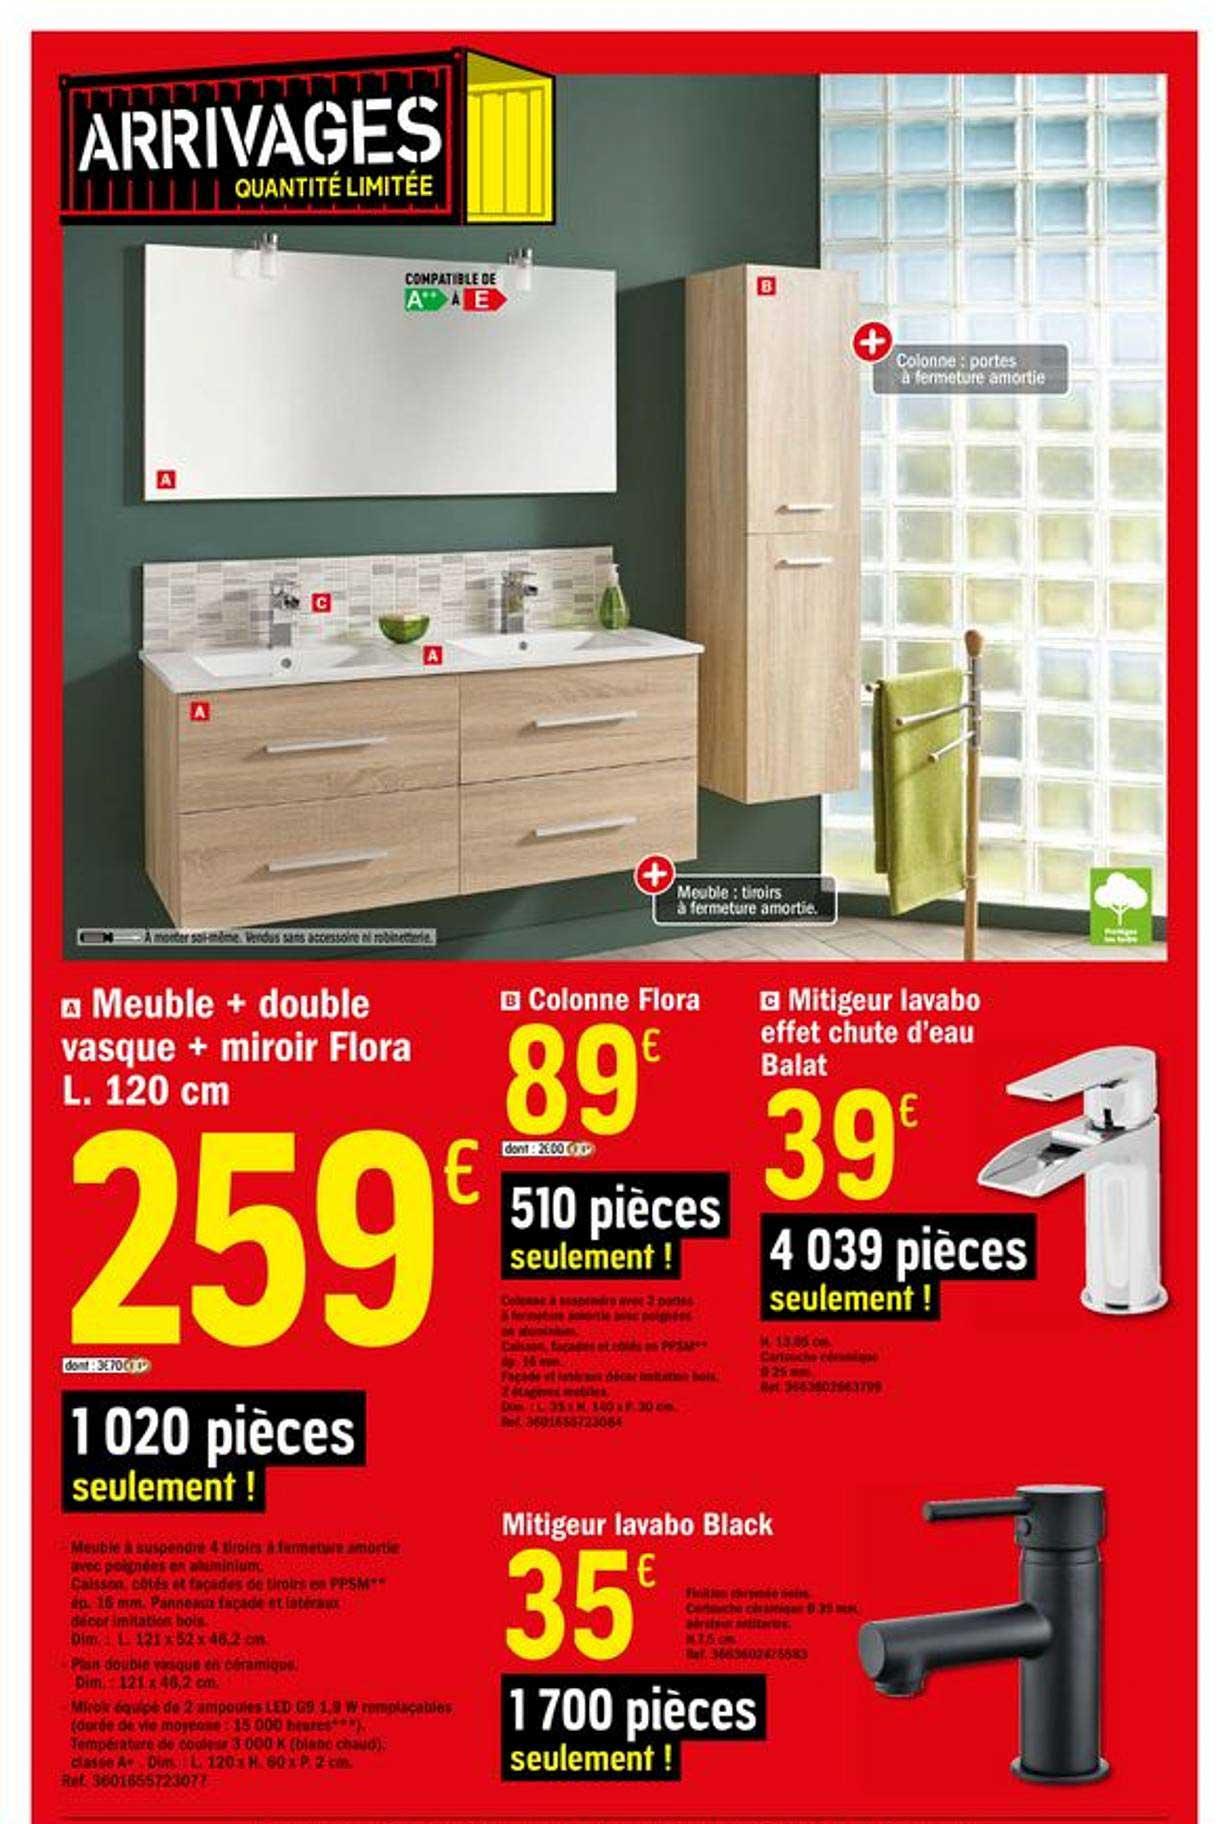 Offre Meuble Double Vasque Miroir Flora L 120 Cm Chez Brico Depot